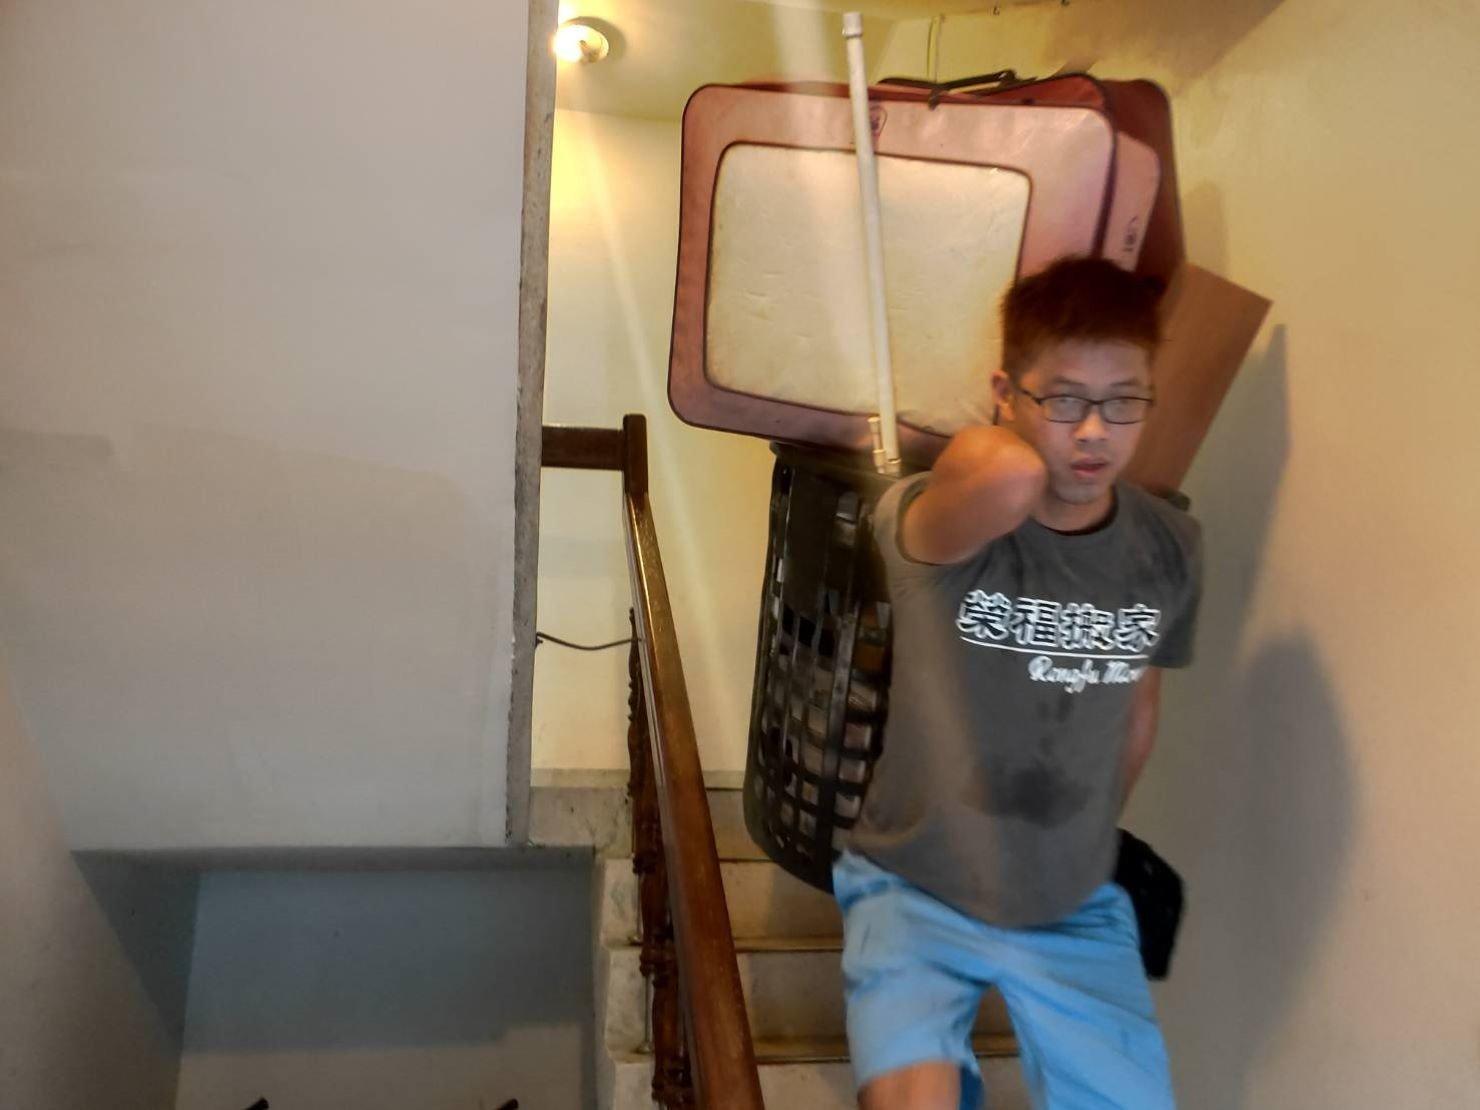 桃園搬家公司推薦【榮福搬家公司】口碑第一、台北搬家:較小物件或裝箱、裝簍子,師傅們以正走方式搬運即可。